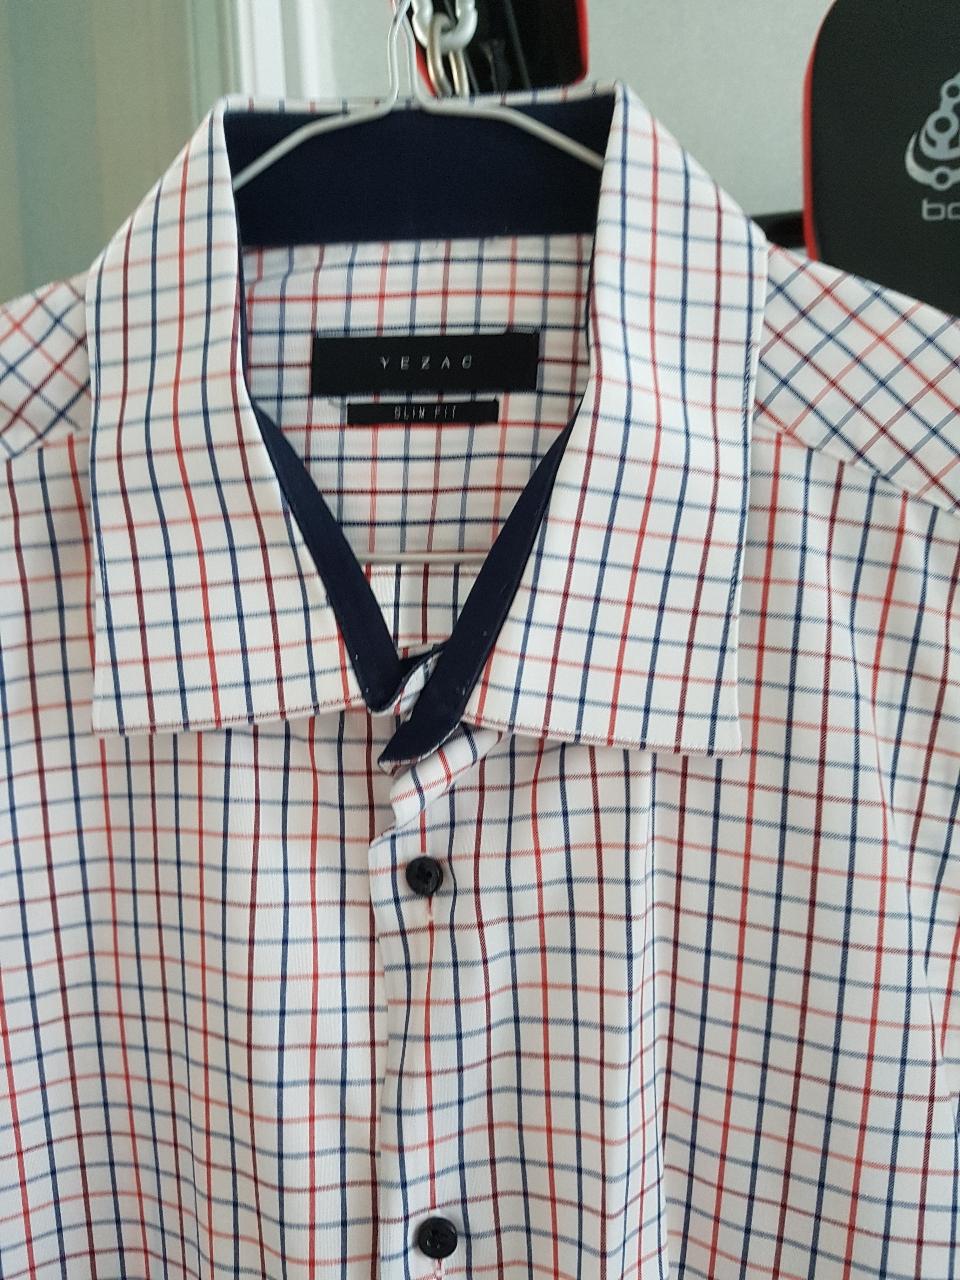 예작, 타운젠트외 와이셔츠 5종모두ㅡ슬림110